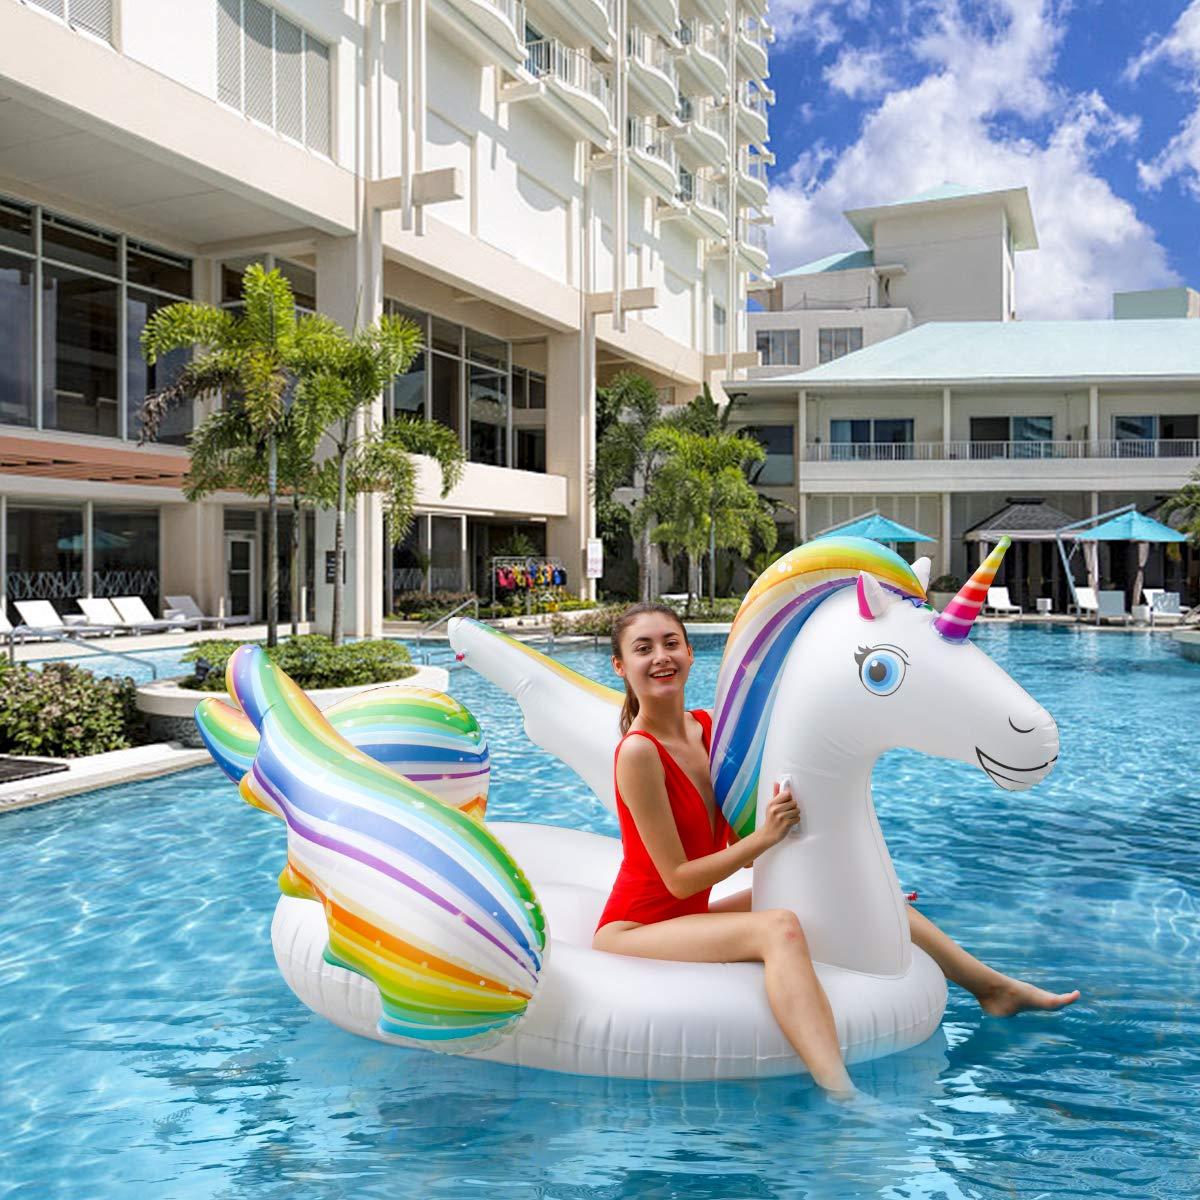 Flotador inflable gigante de la piscina del unicornio de Keenstone, juguete flotante del agua flotante, asiento flotante del PVC del partido al aire libre de la playa para los adultos